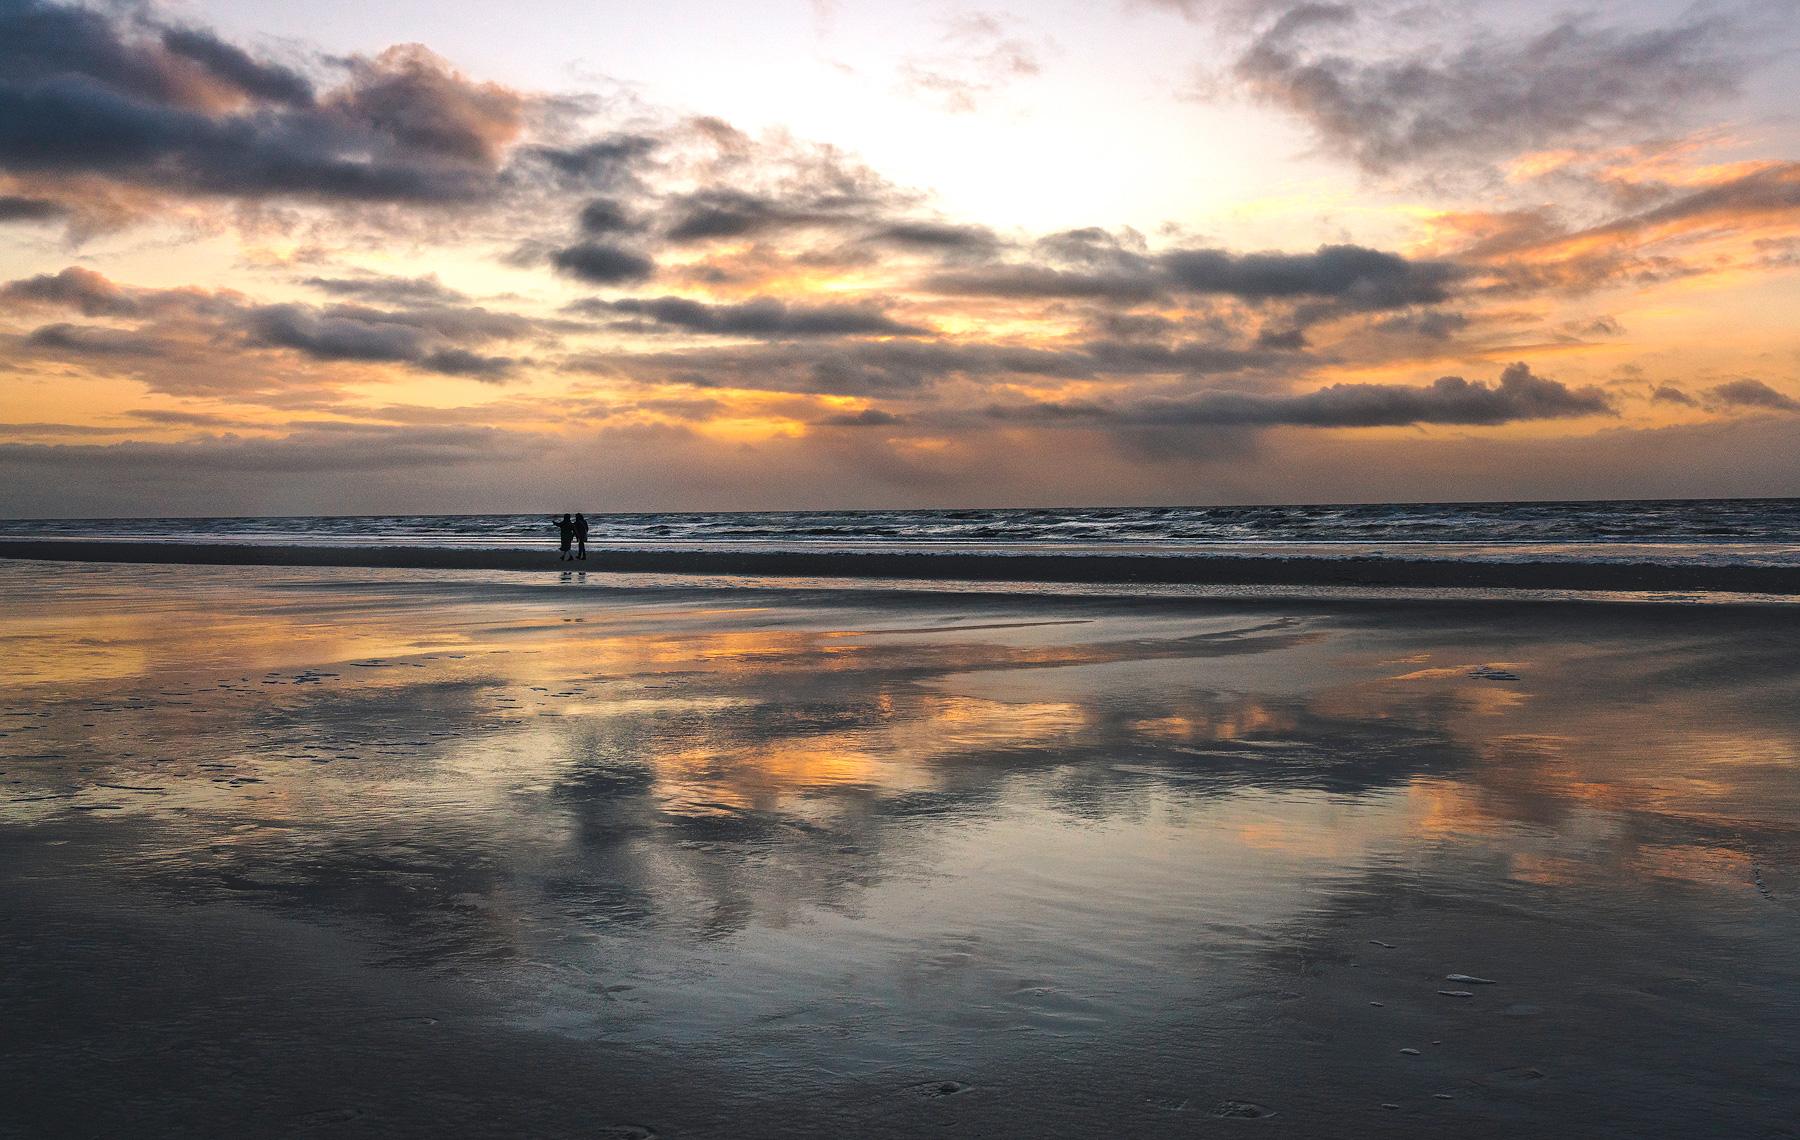 Spiegelungen im Sonnenuntergang am Strand von Sankt Peter-Ording, Deutschland